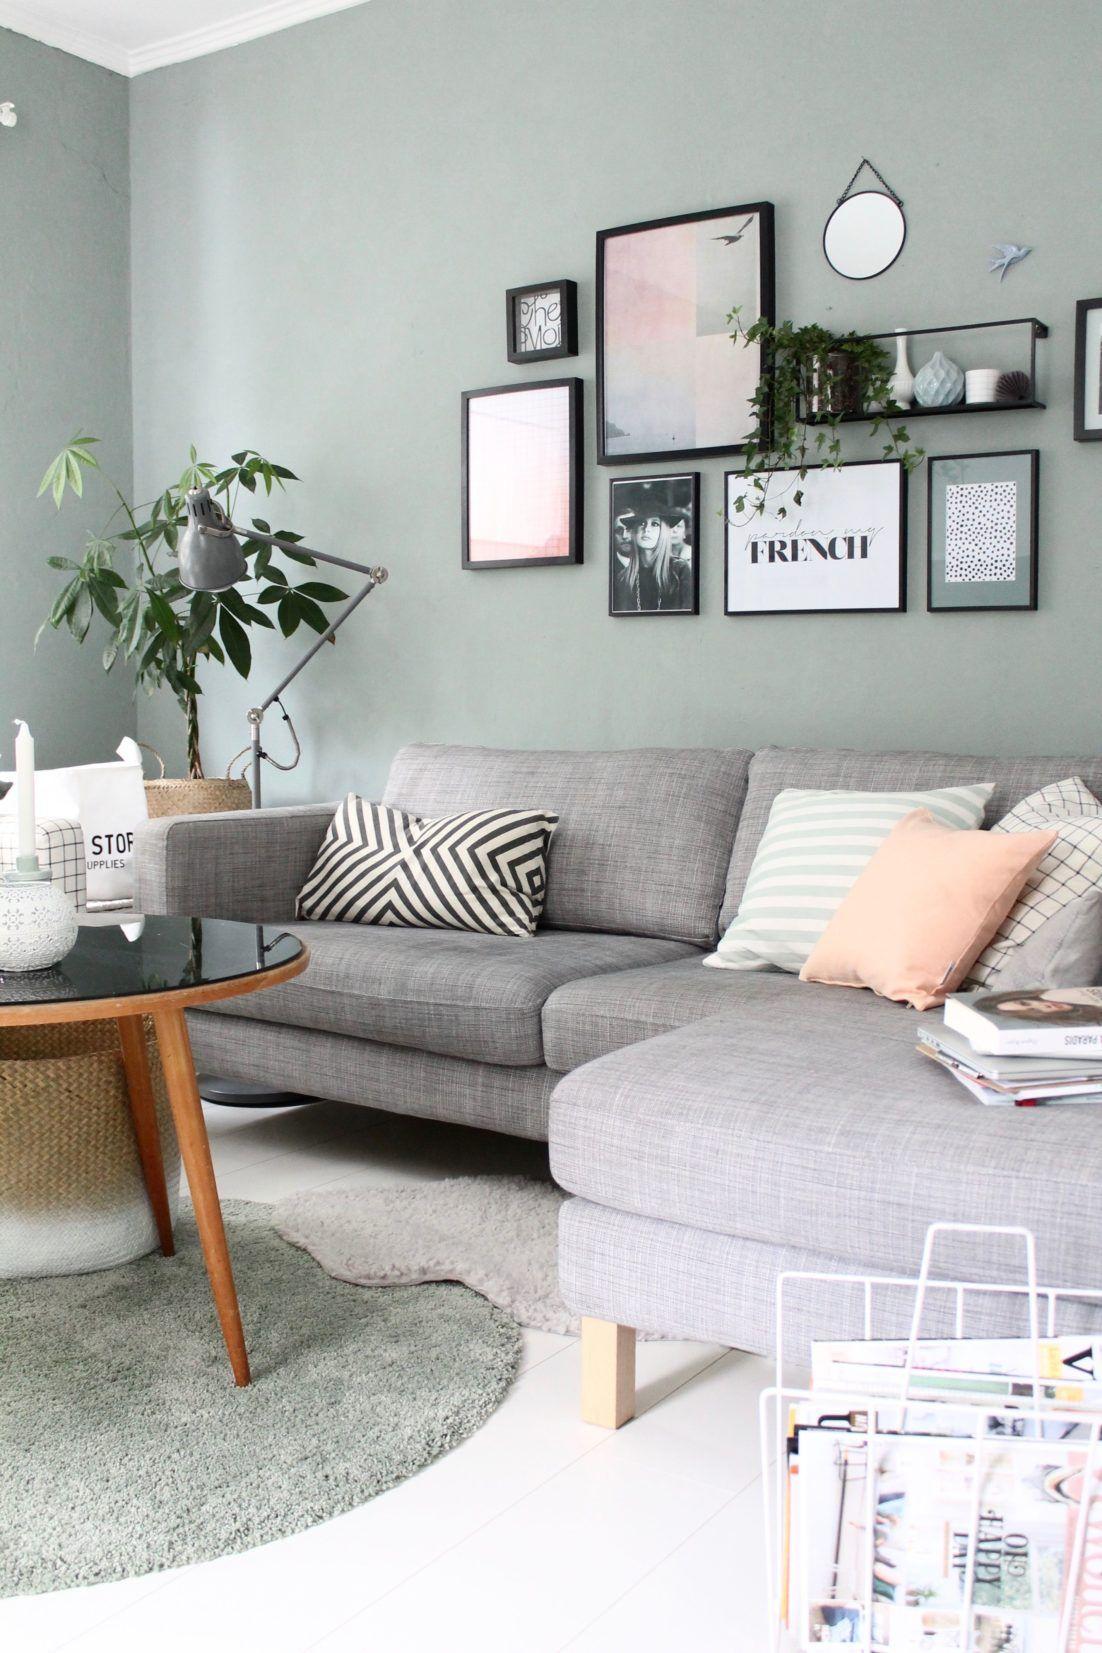 Wandfarbe Wohnzimmer Blau Grau Wandfarbe Wohnzimmer Graue Couch Trendige Wandfarben Wohnzimmer Wandfarben Furs W Wandfarbe Wohnzimmer Wohnen Wohnung Wohnzimmer